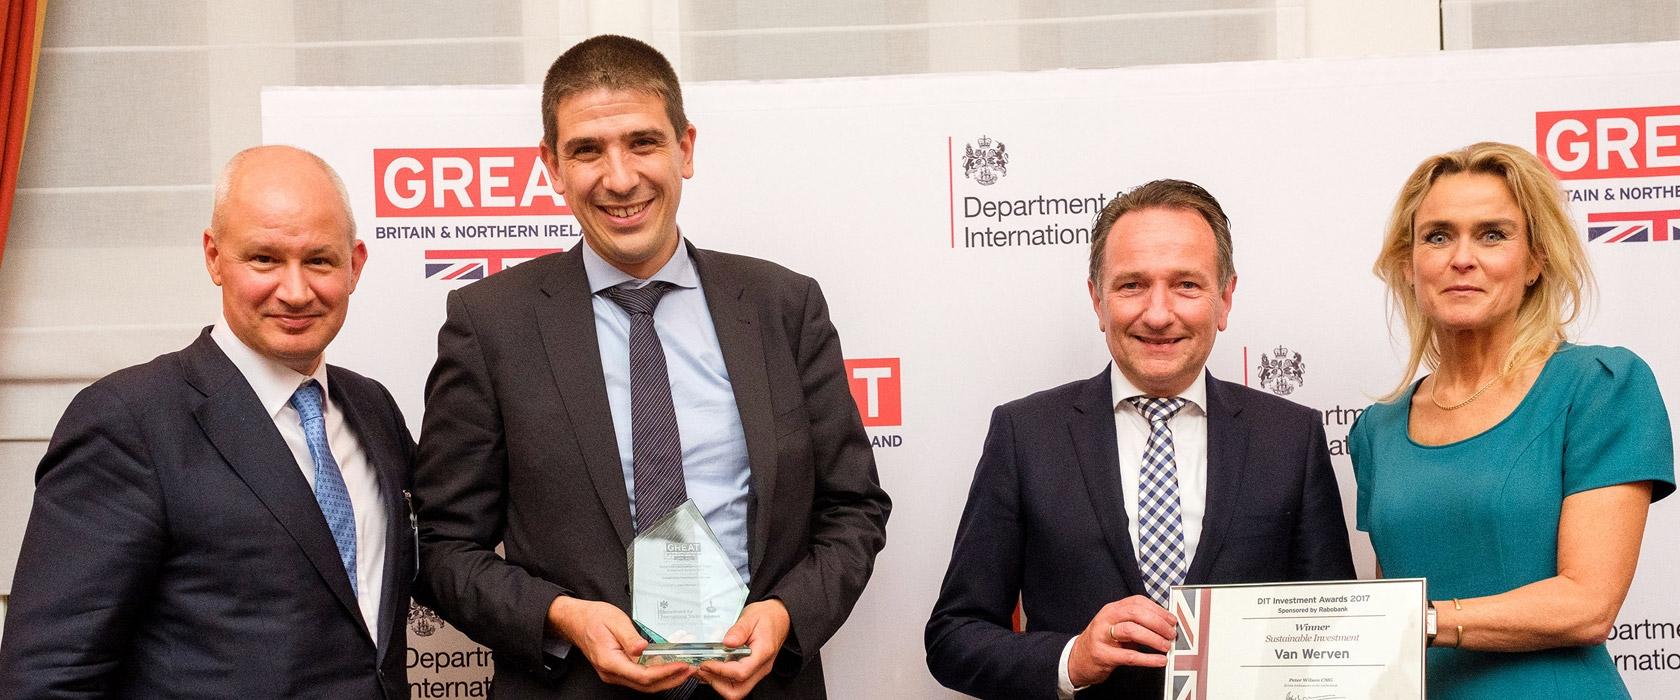 Sustainable Investment Award uitgereikt aan Van Werven